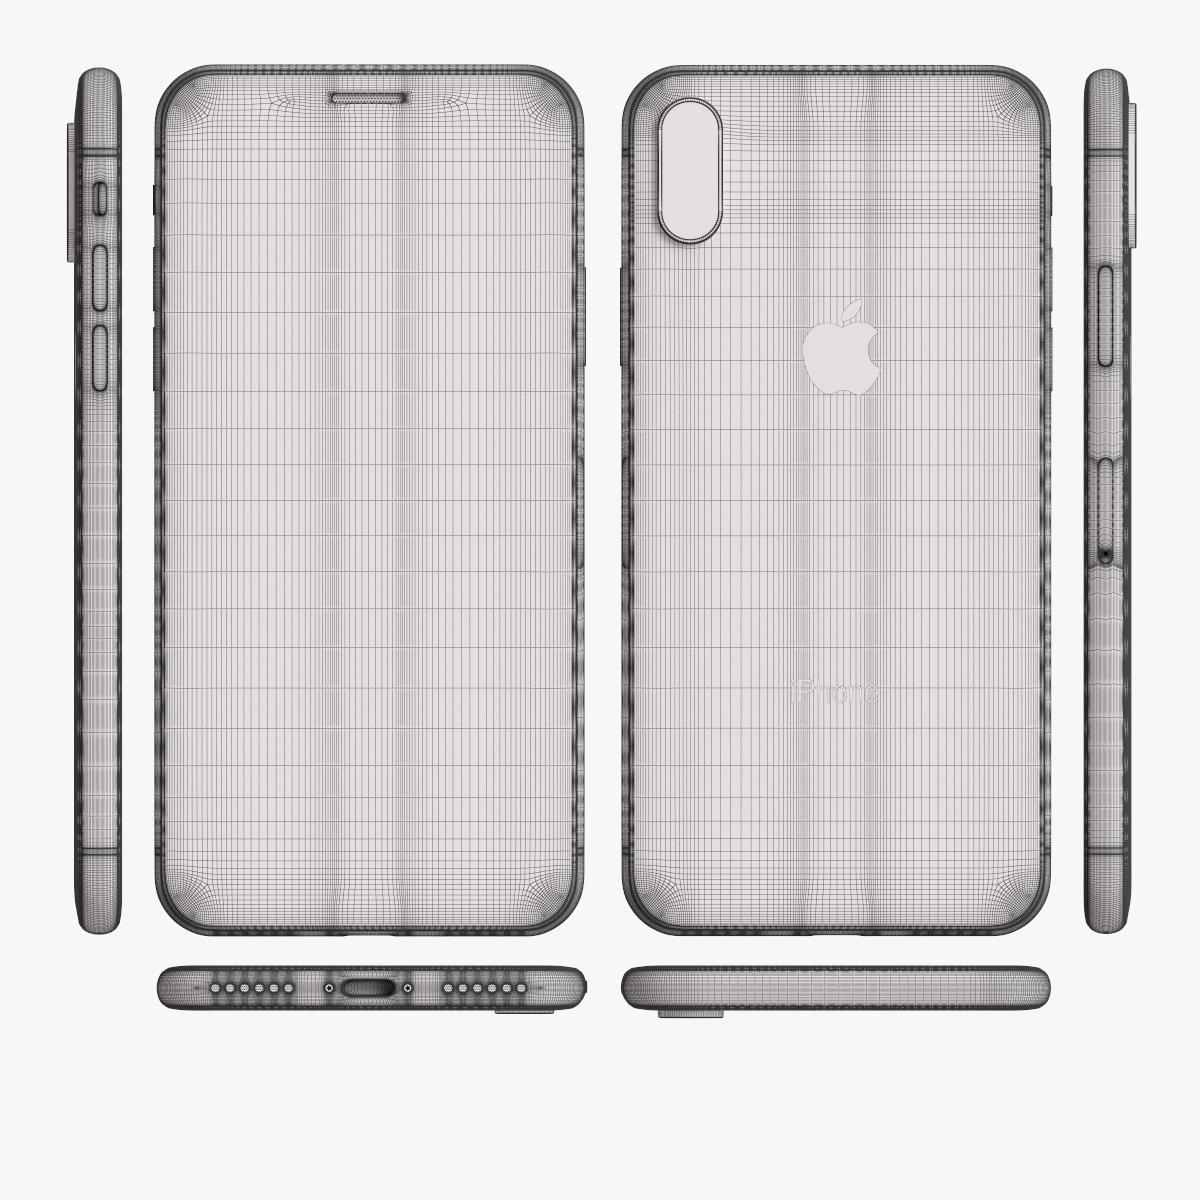 apple iphone x 3d model c4d max obj fbx ma lwo 3ds 3dm stl 1802877 o